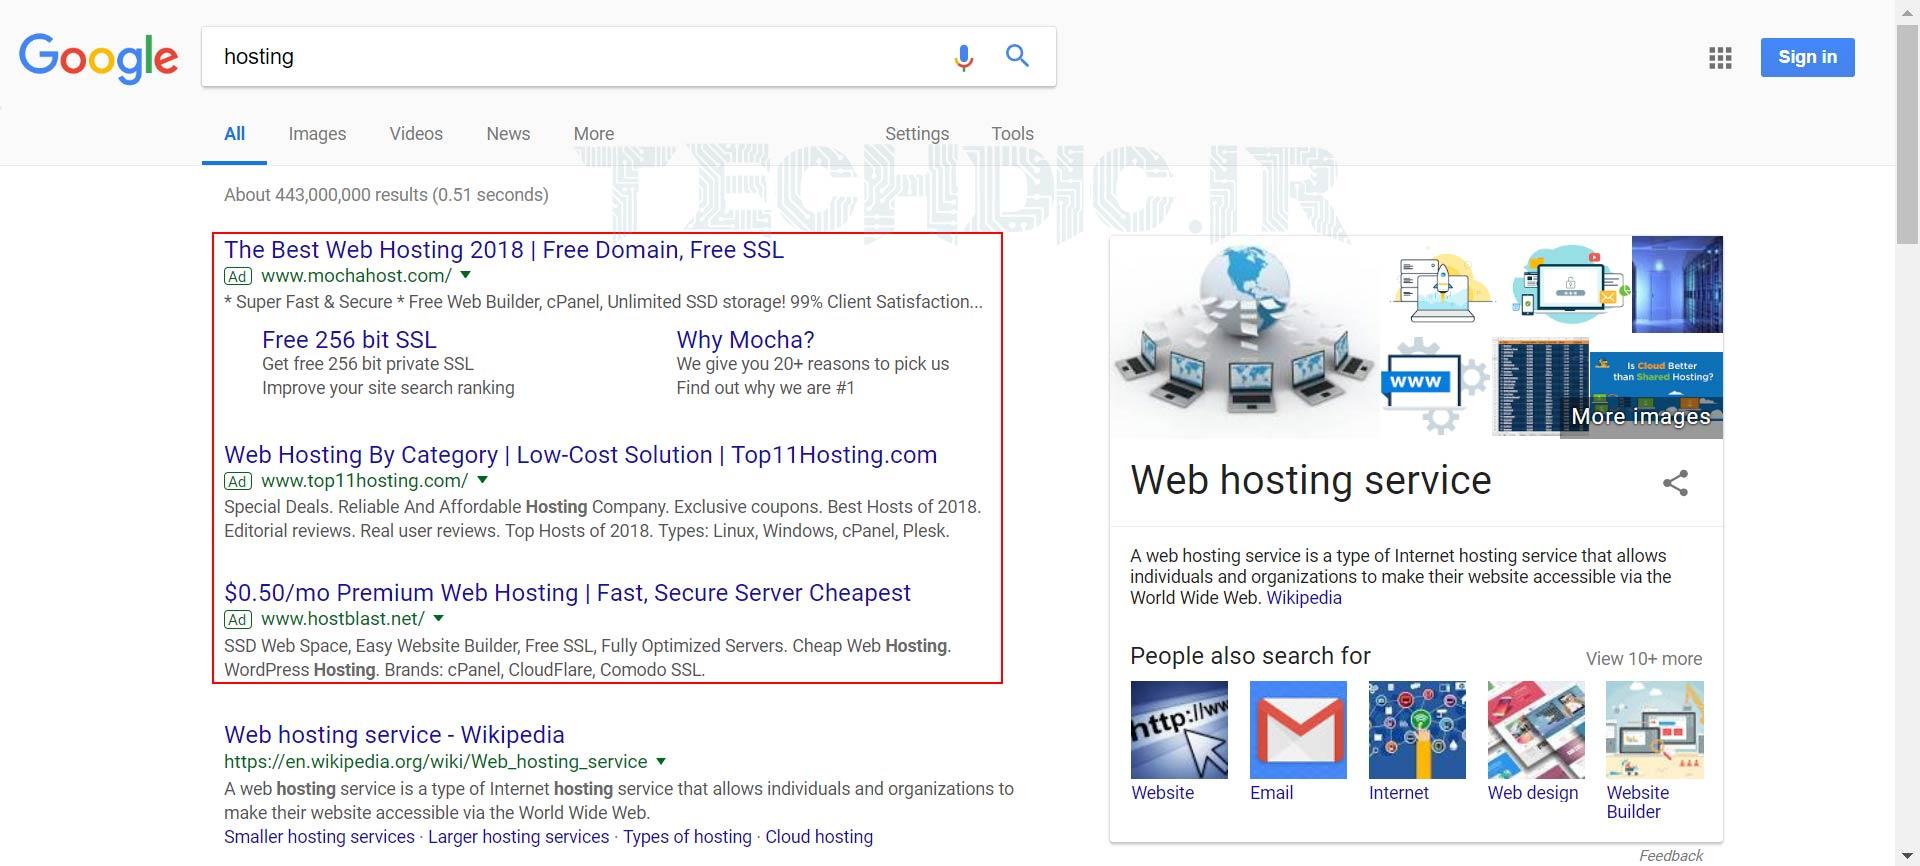 نتایج مختلف در صفحه نتایج موتور جستجو